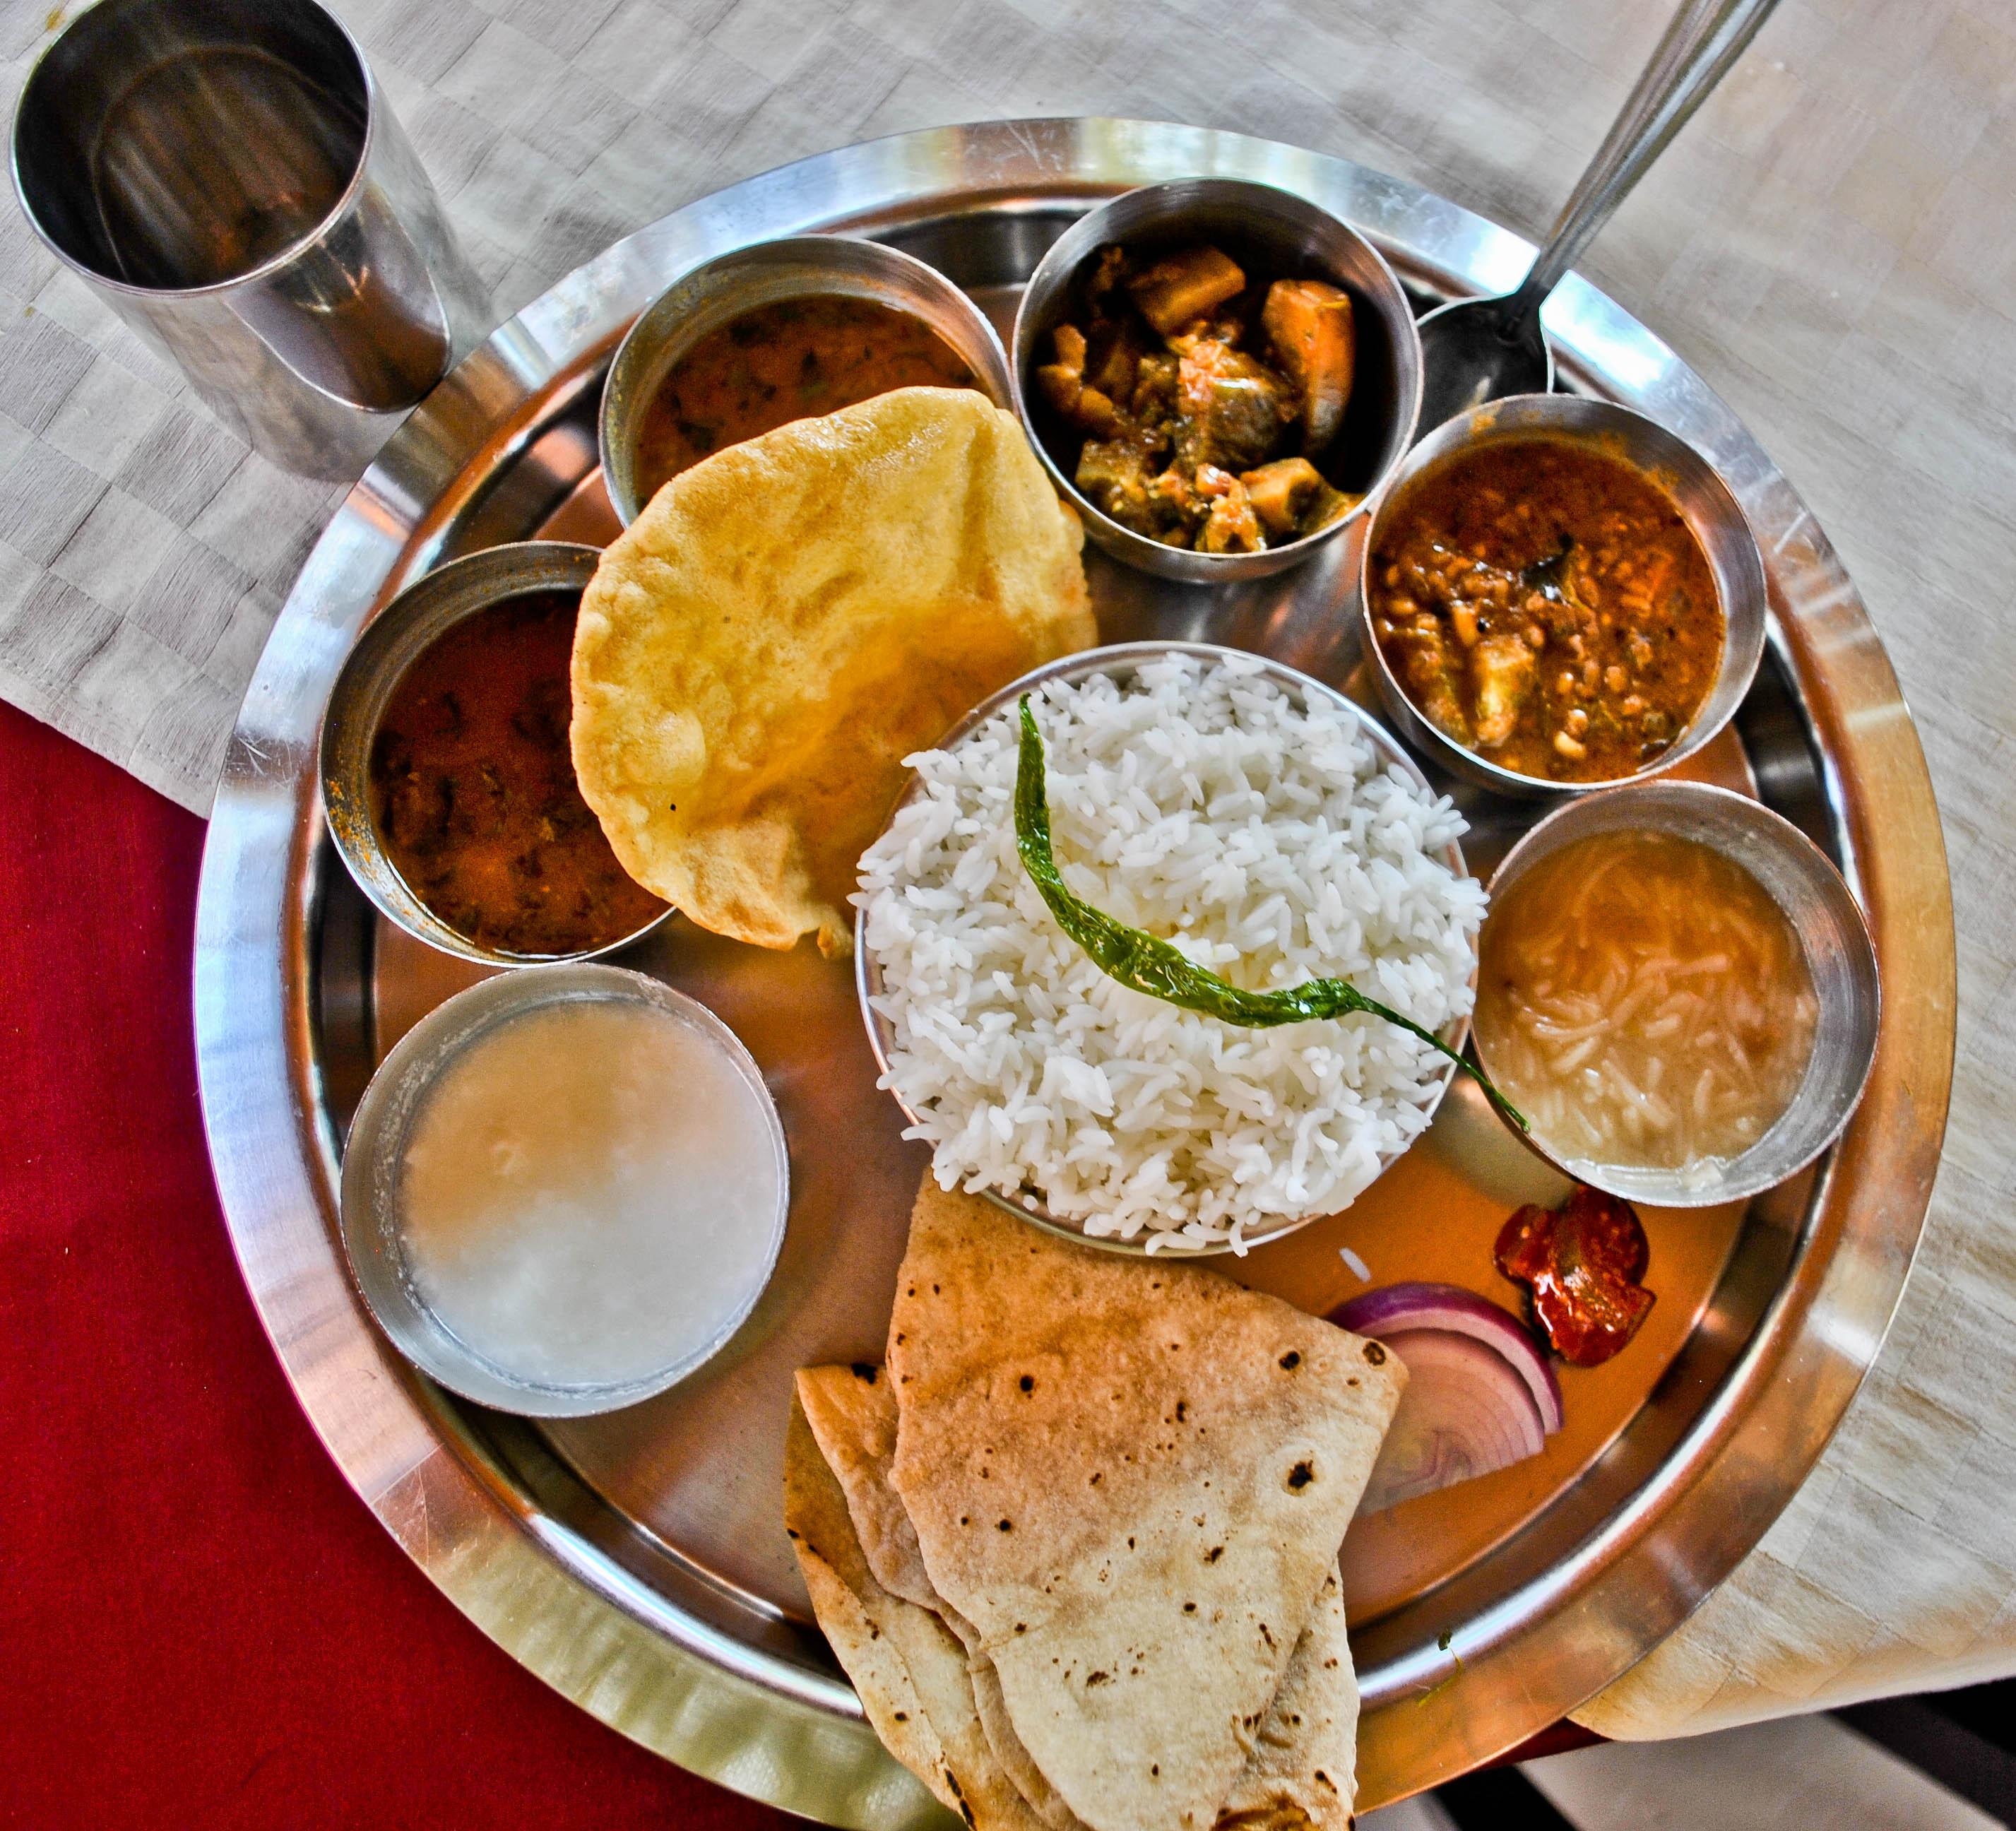 File:Vegetarian Thali.jpg - Wikimedia Commons